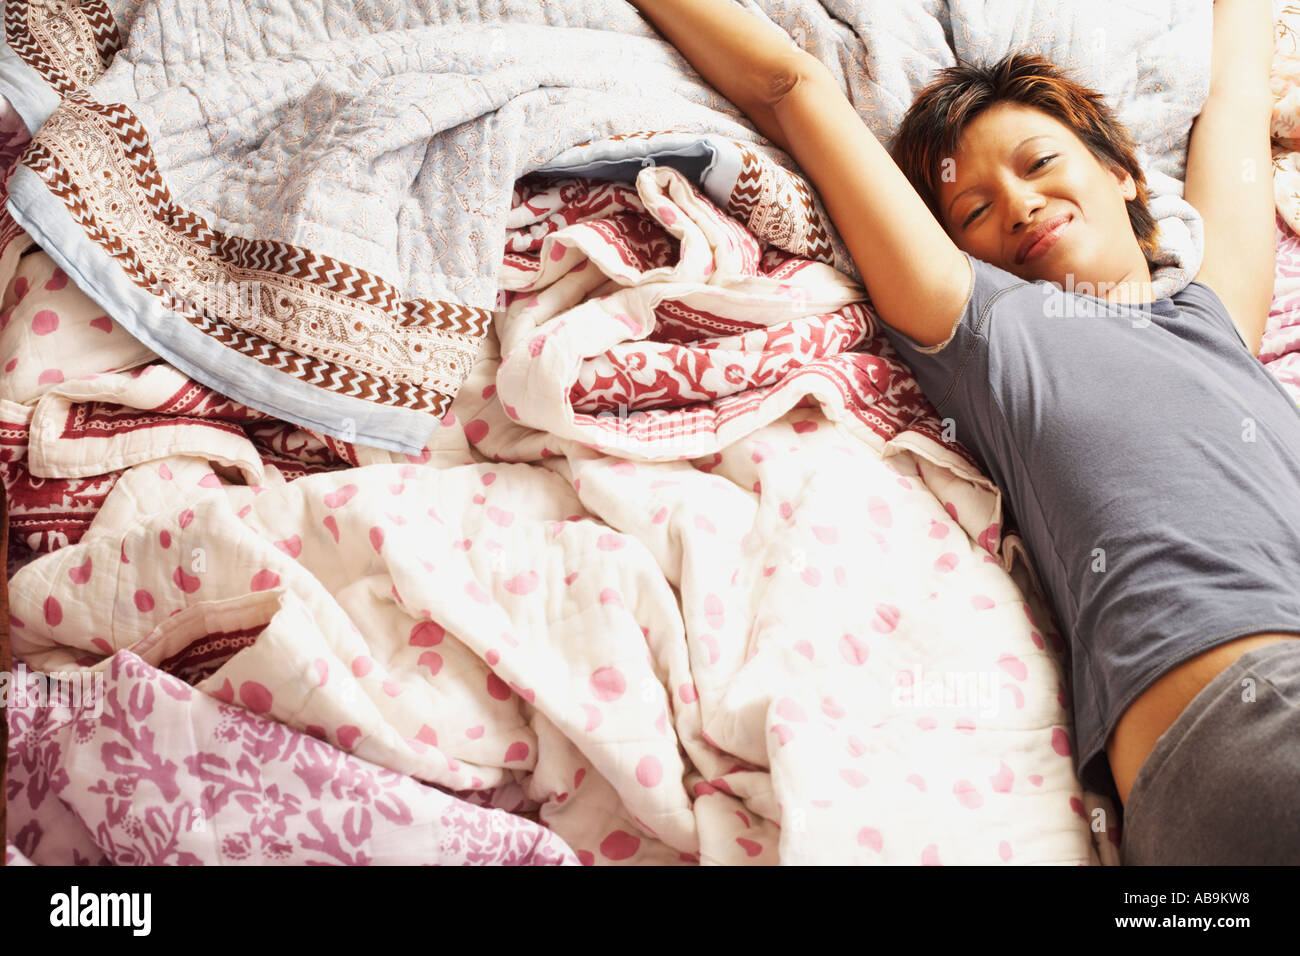 Junge Frau im Bett Stockfoto